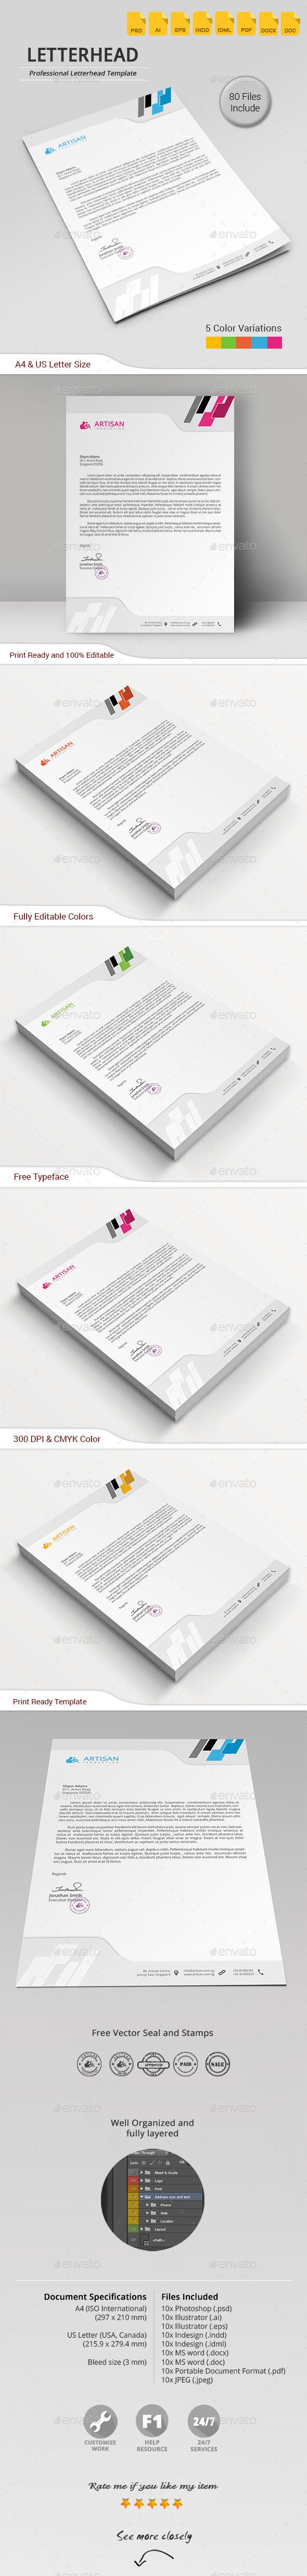 GraphicRiver Letterhead 11612278